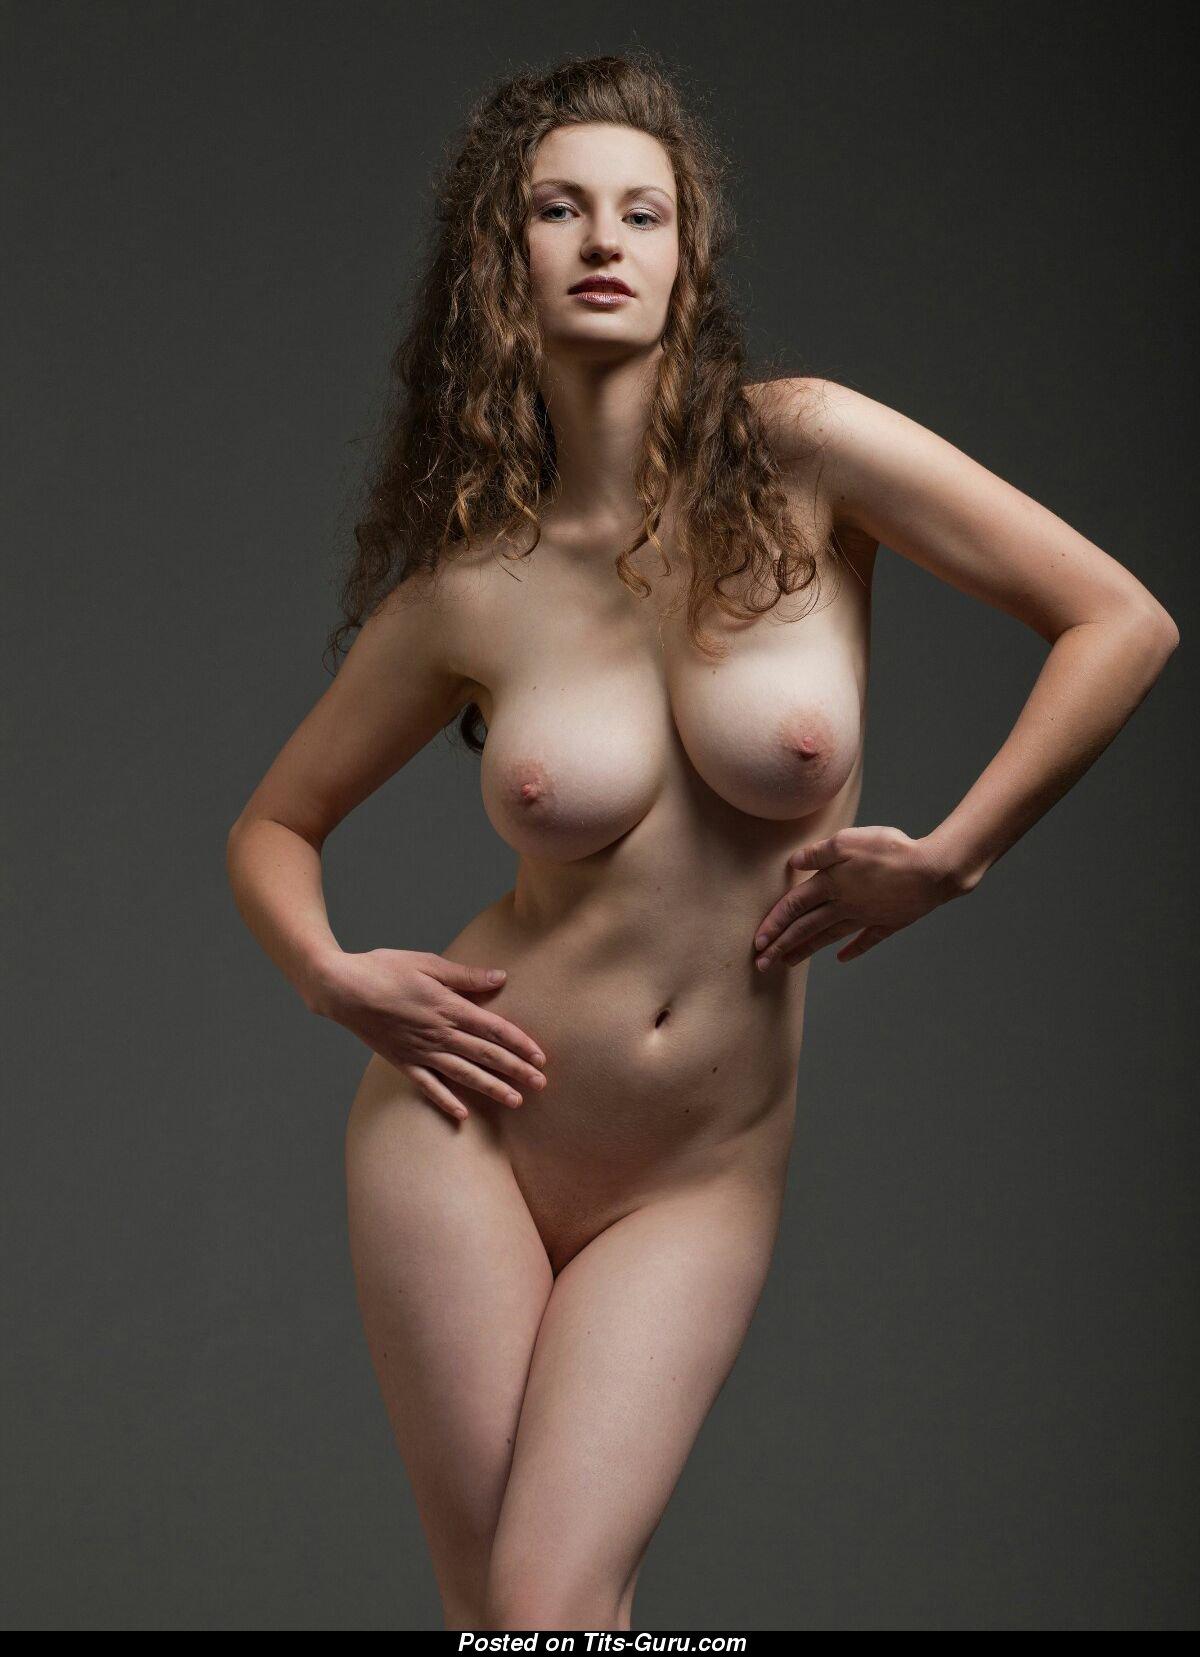 Голых с3 размером женщин груди фото